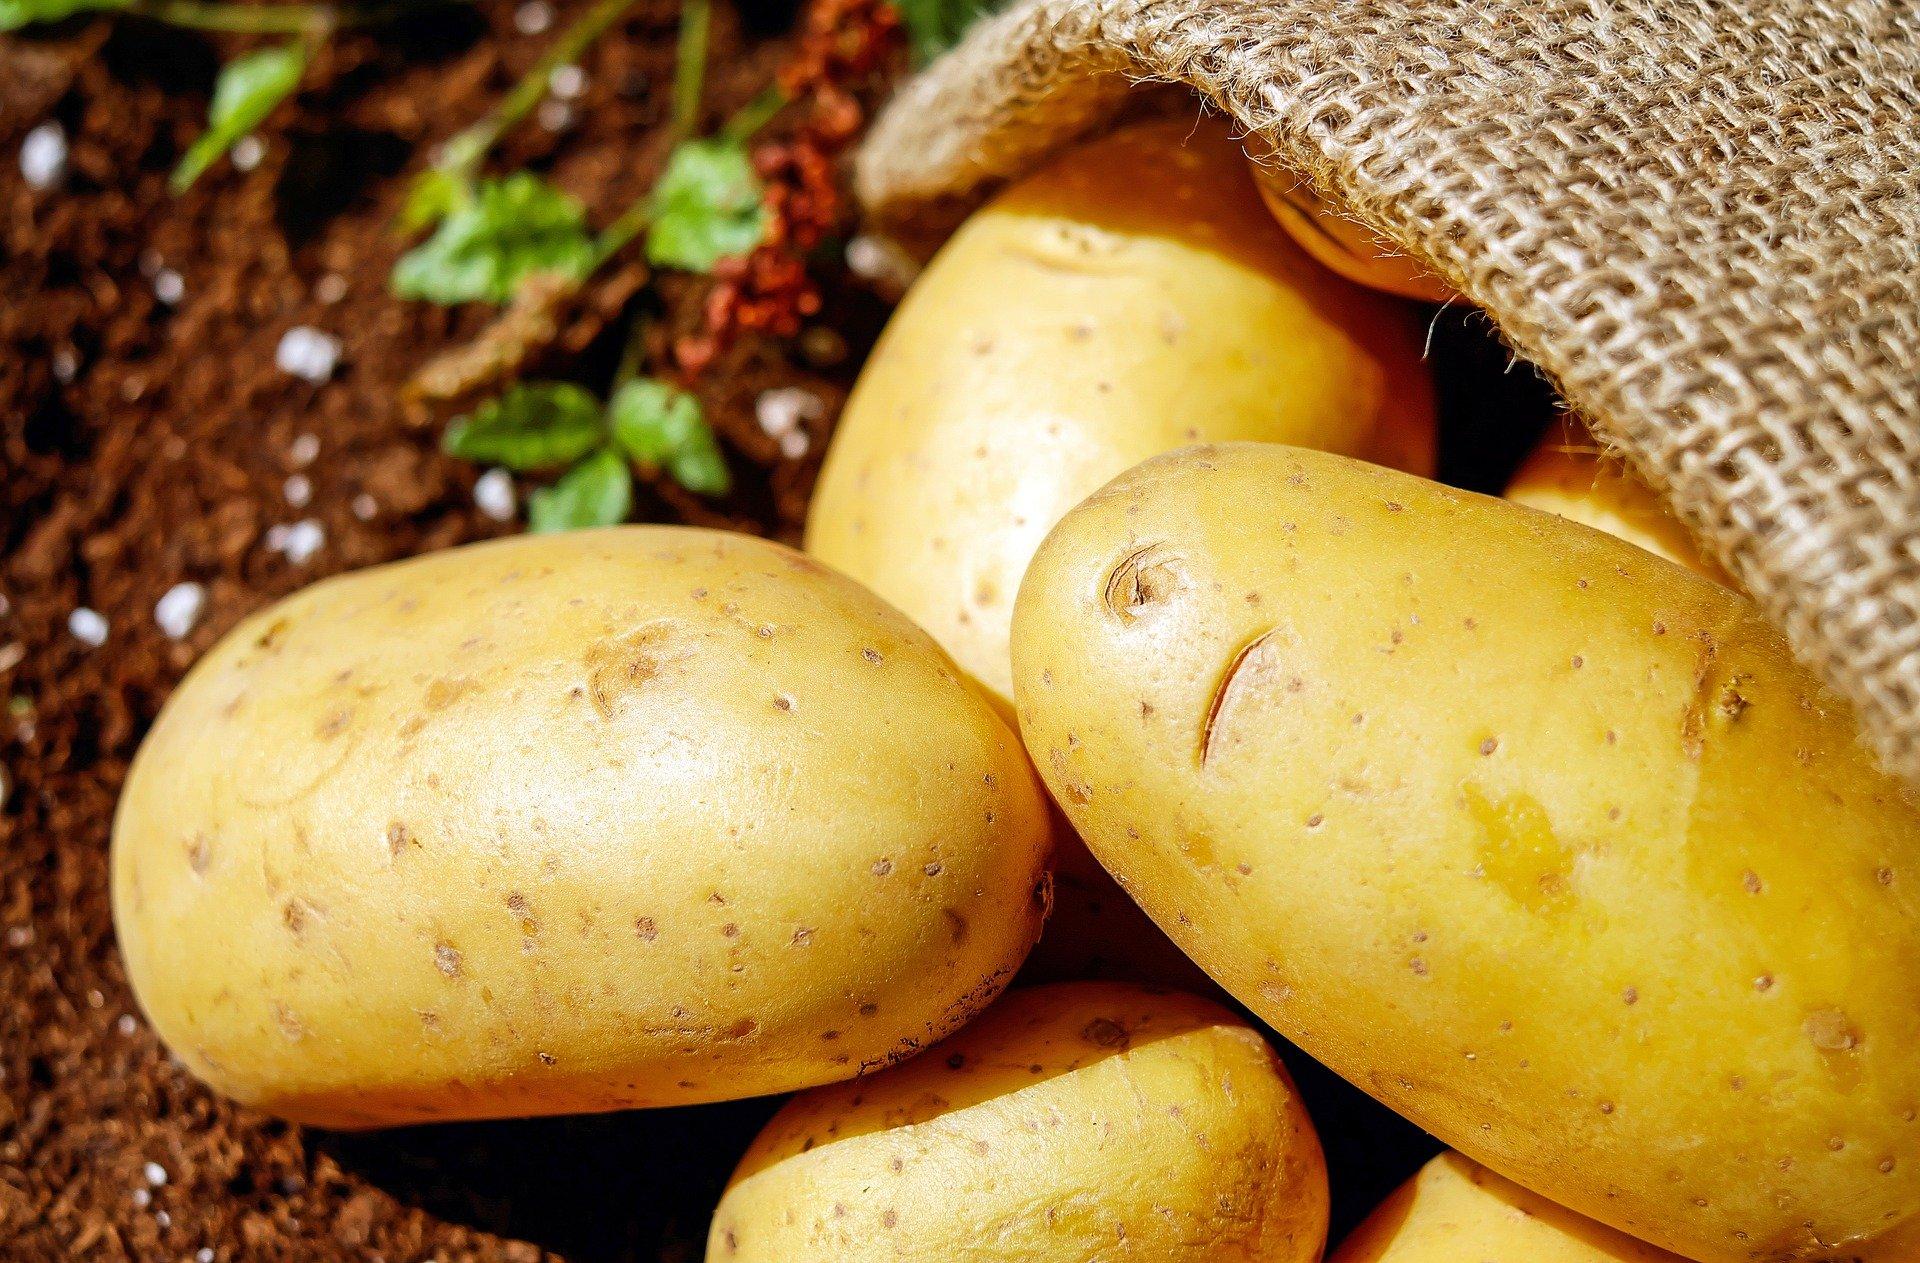 Ile ziemniaków uprawia się w Polsce? Produkcja ziemniaków w Polsce, statystyki zbiorów ziemniaków